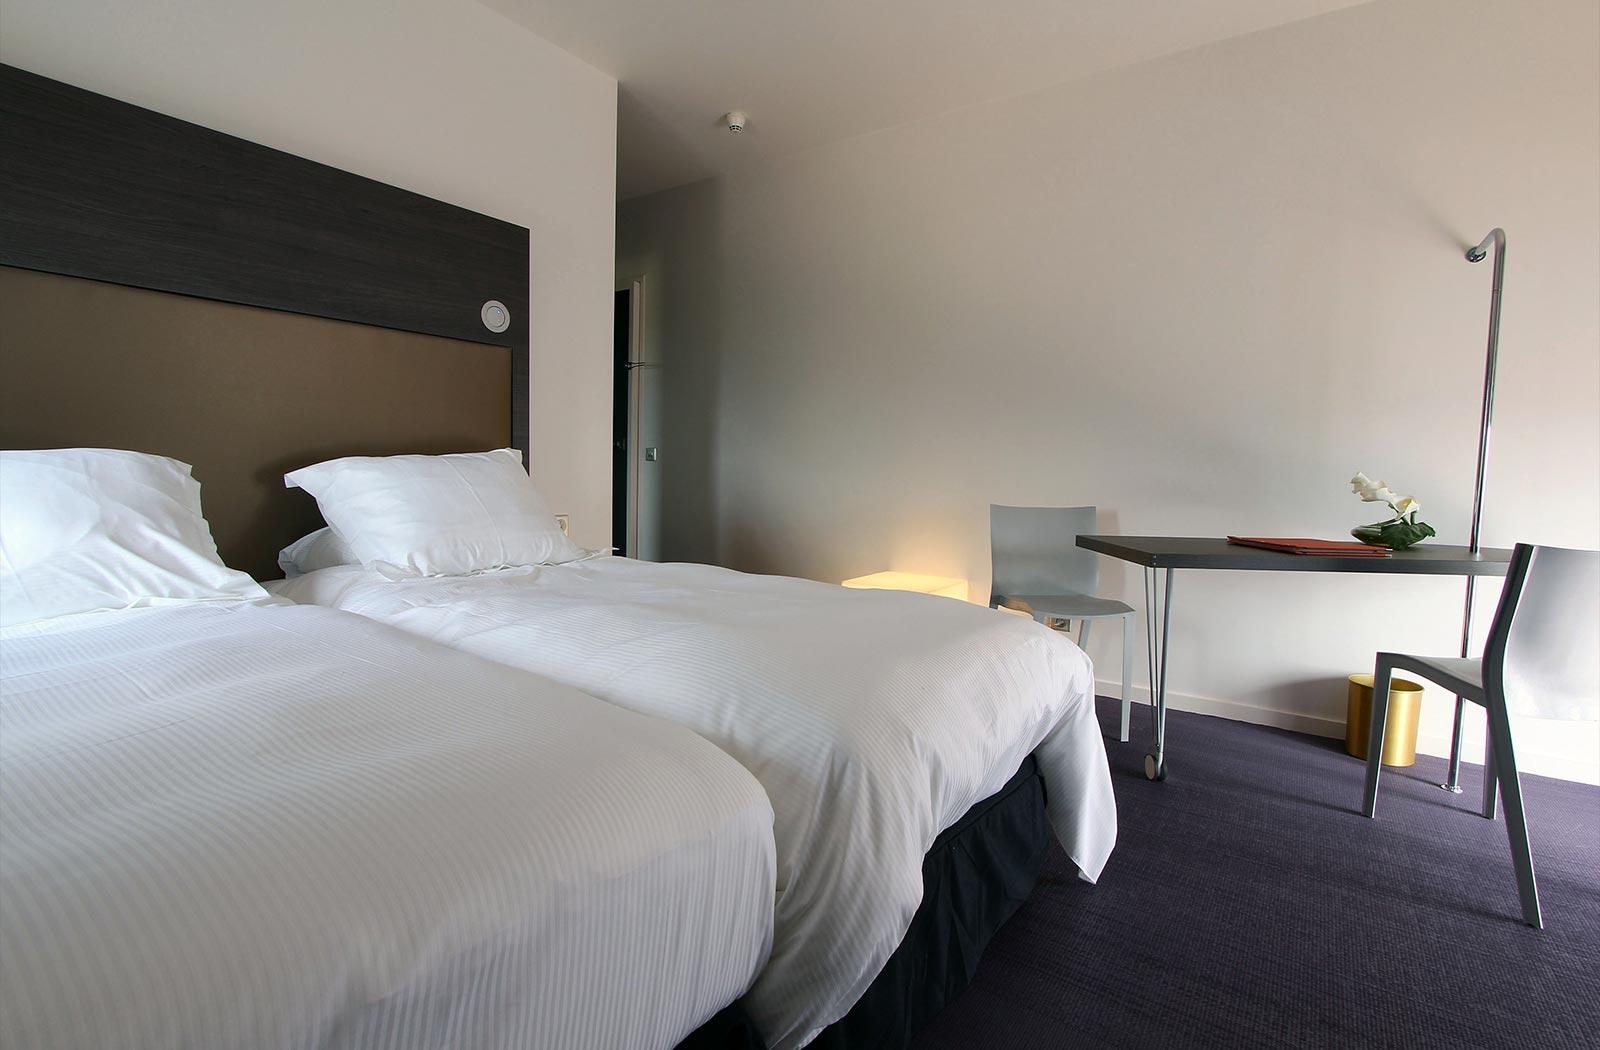 Chambre twin de luxe - Hôtel La Montagne de Brancion entre Tournus et Cluny